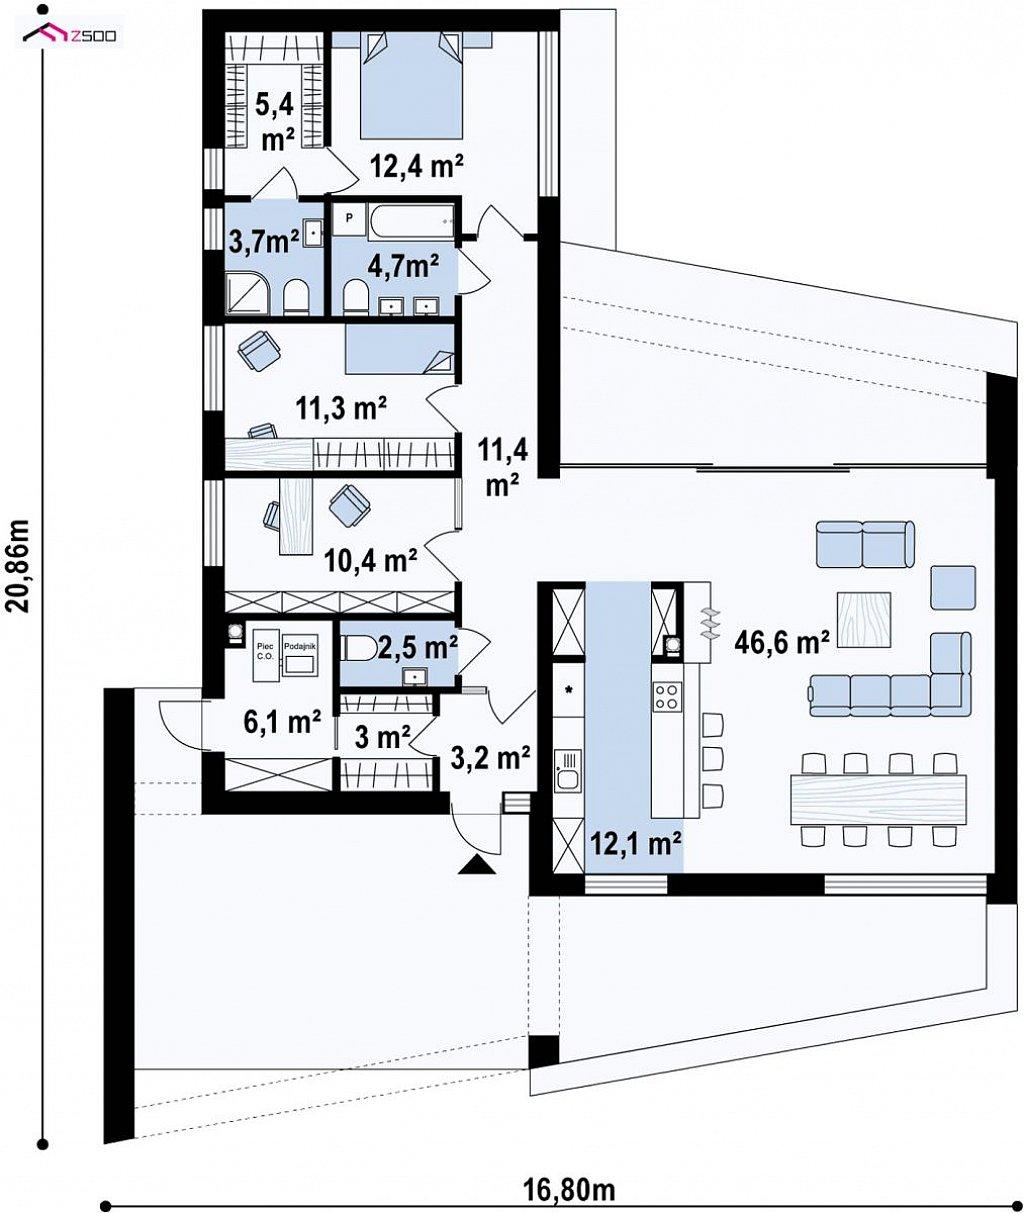 Первый этаж 133,0 м дома Zx87